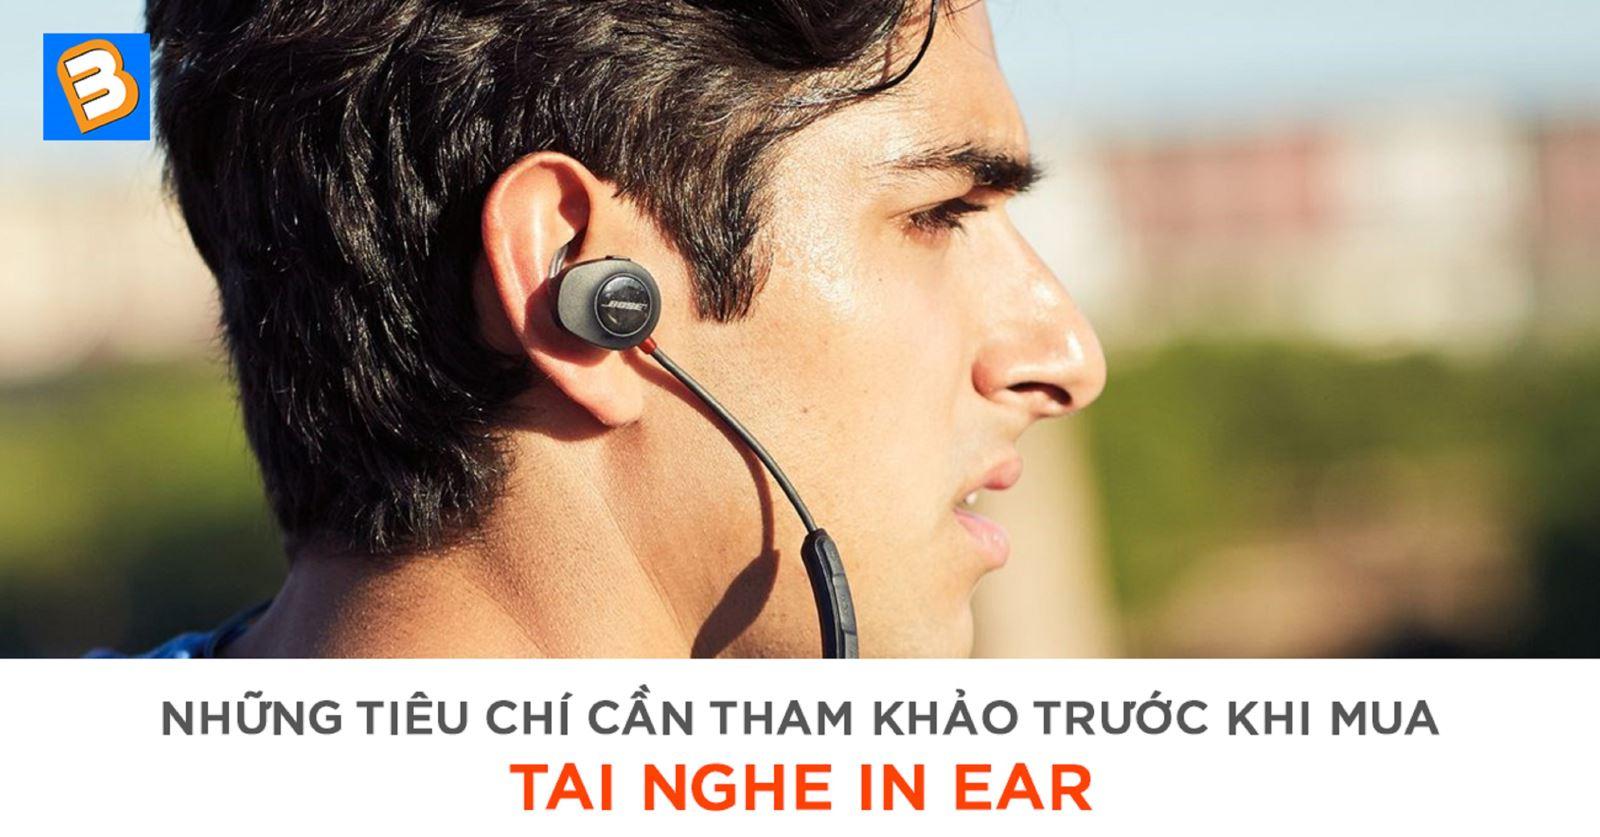 Những tiêu chí cần tham khảo trước khi mua tai nghe in ear